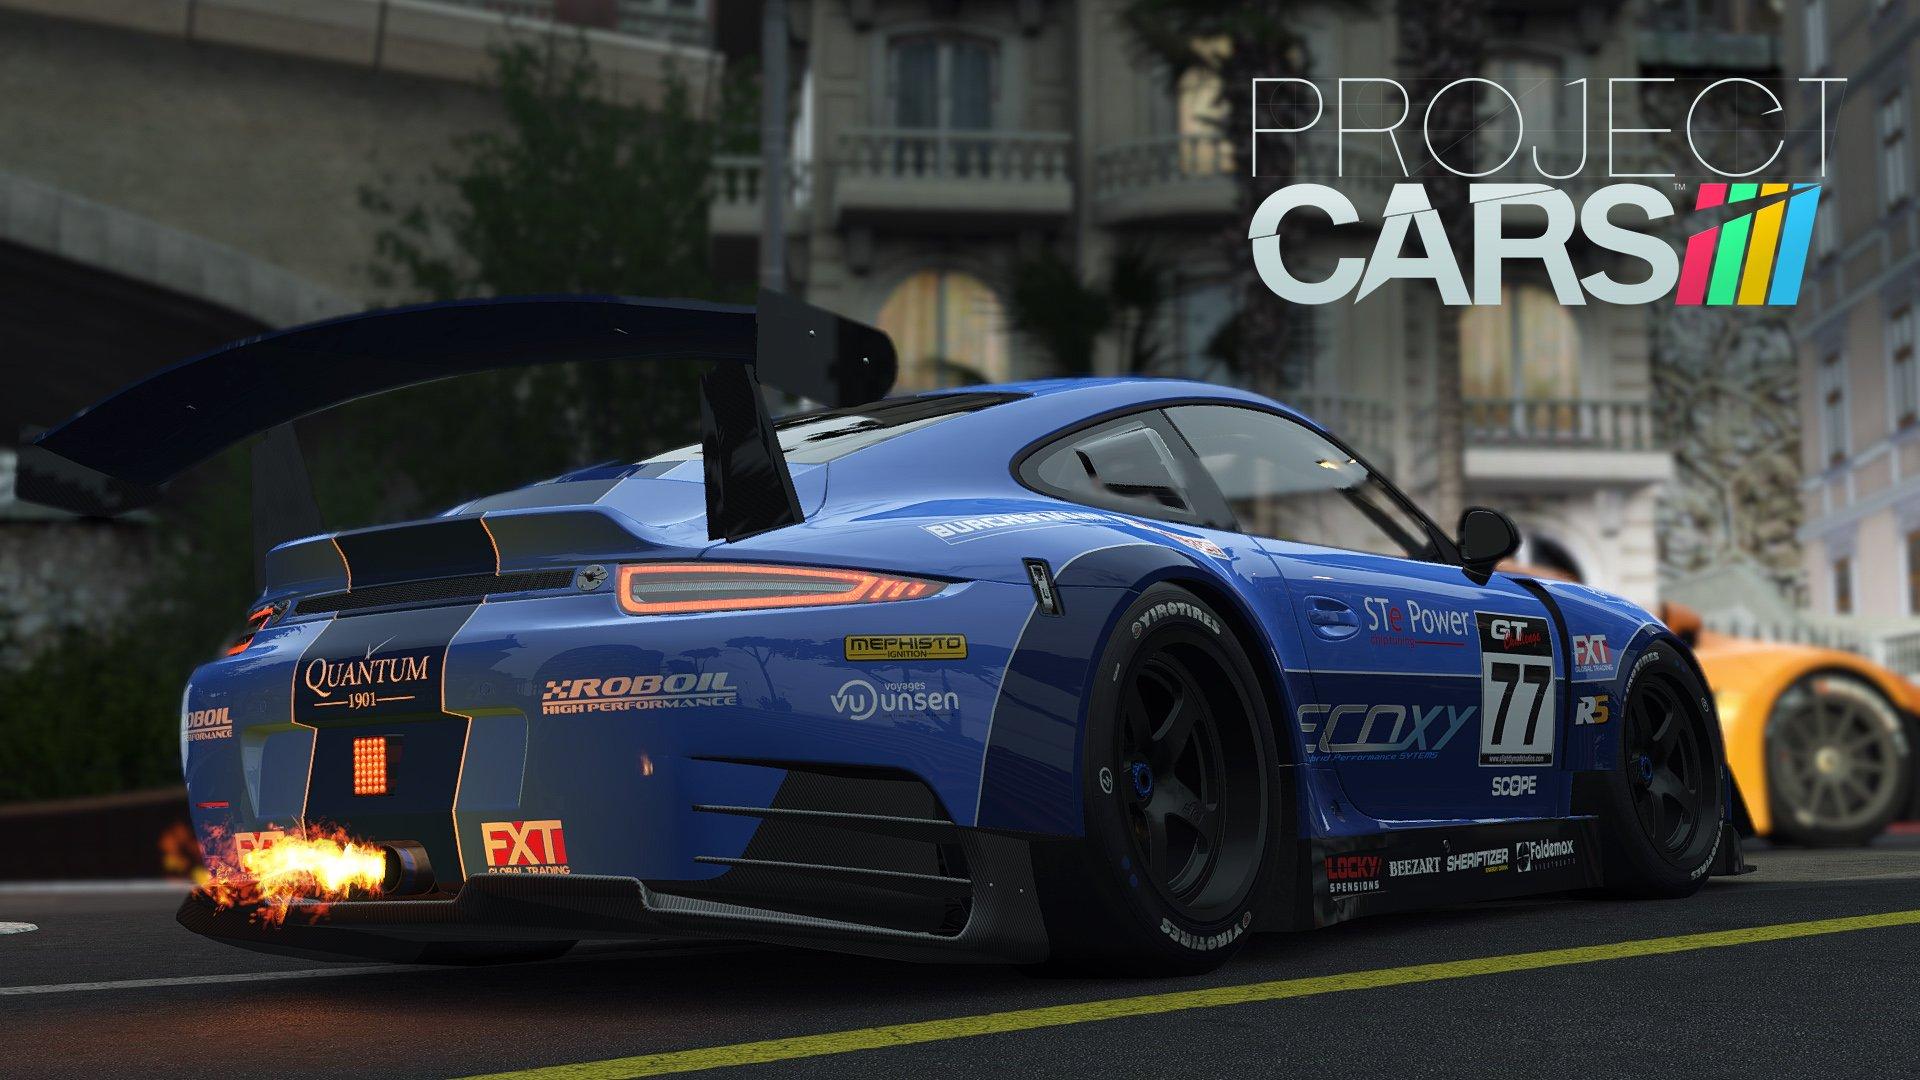 С Project Cars прокатили - Изображение 1